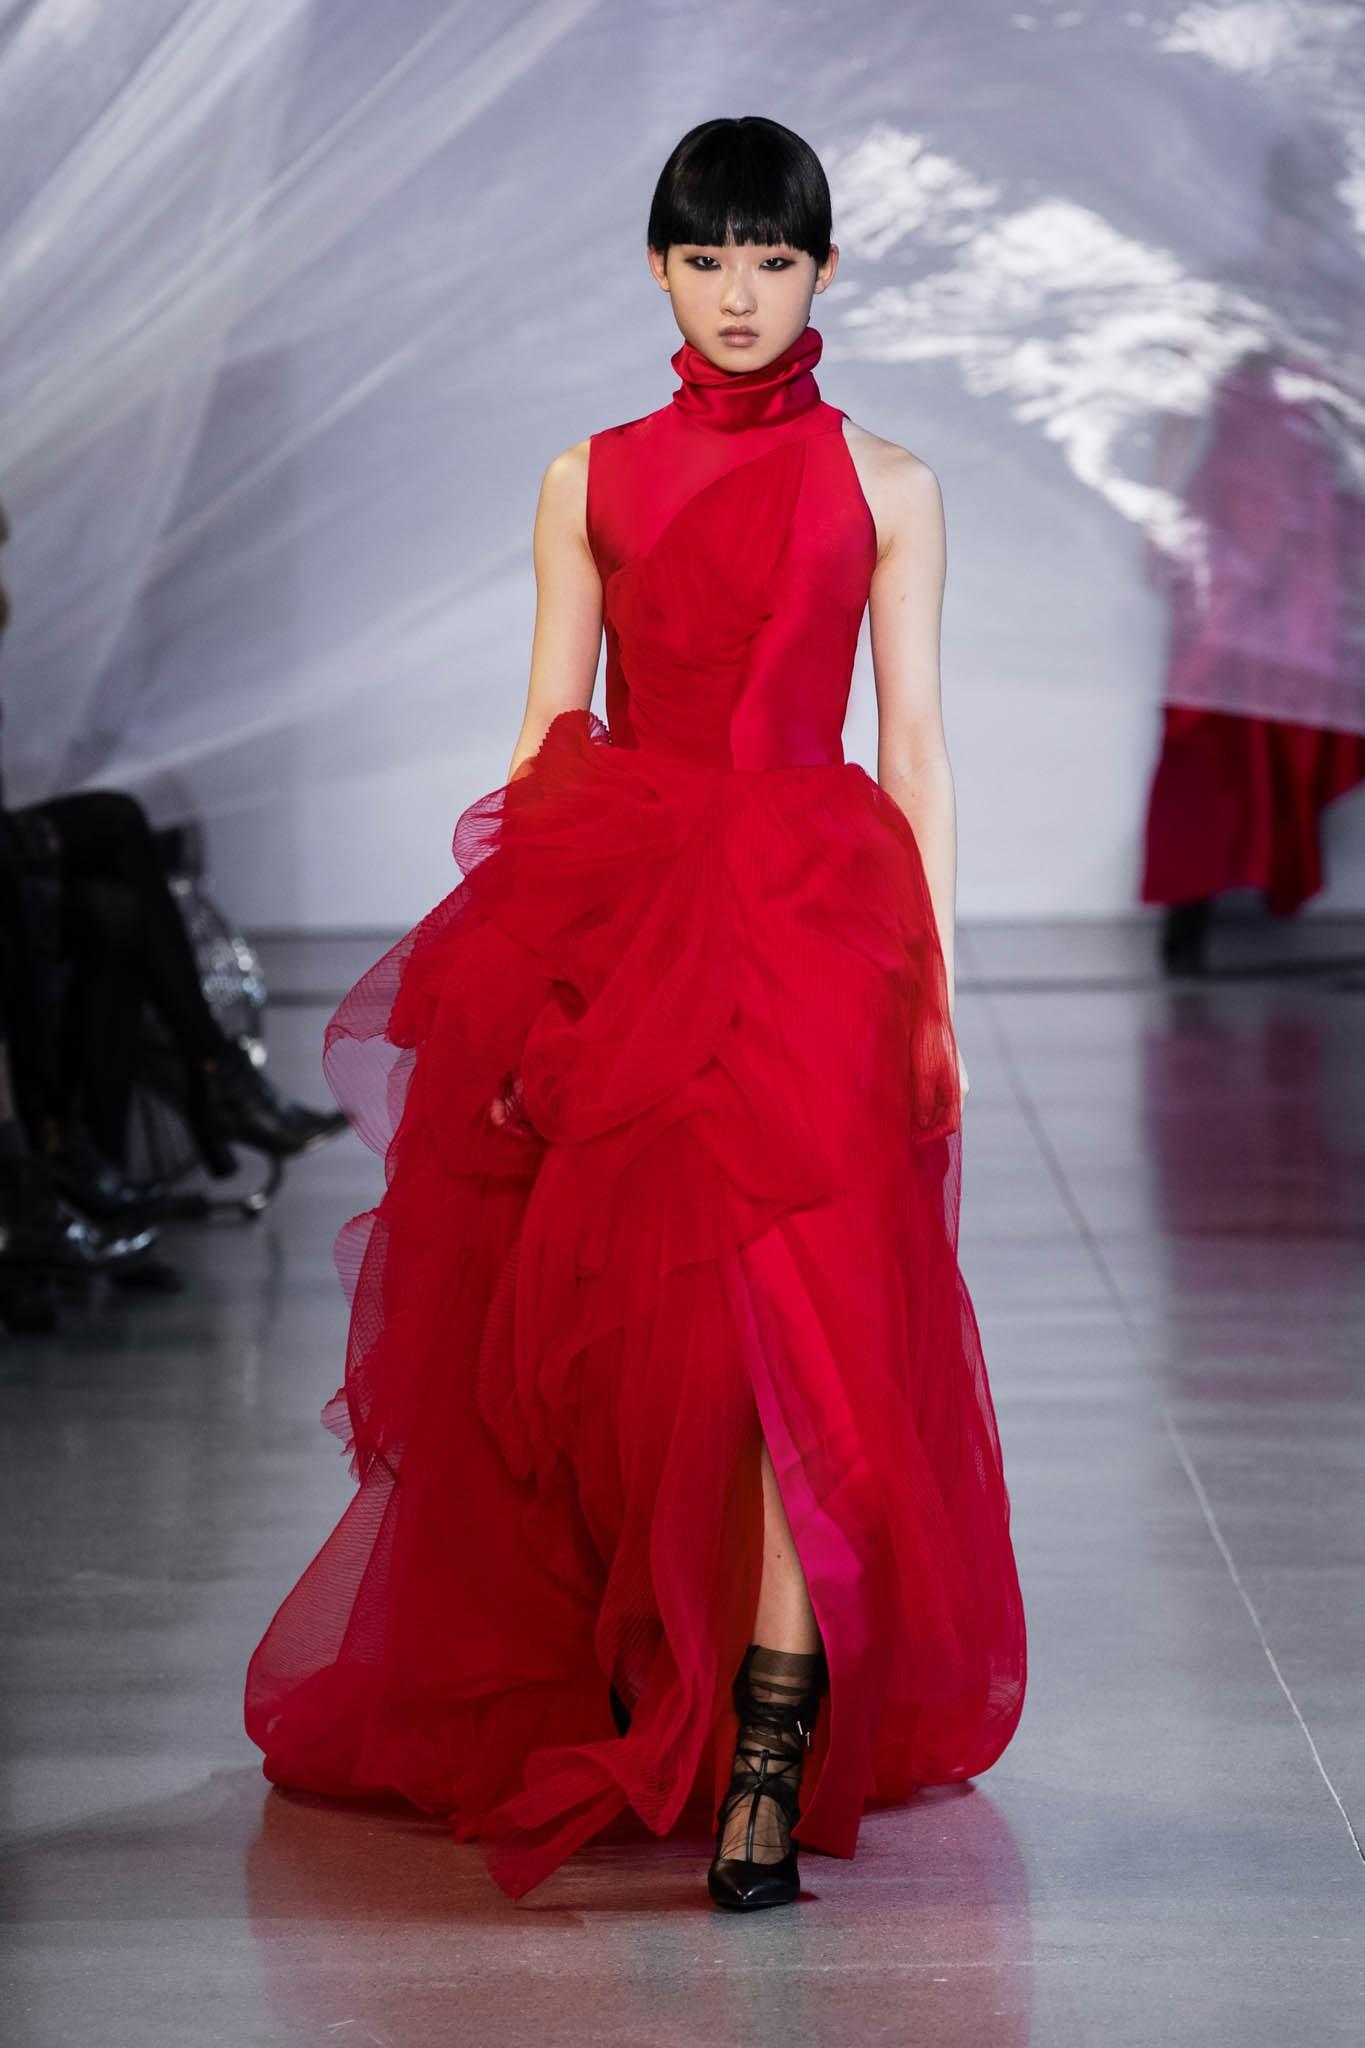 VOGUE Mỹ, VOGUE Tây Ban Nha và hàng loạt tạp chí thời trang thế giới đồng loạt đưa tin về show diễn PHUONG MY tại NYFW - Ảnh 12.